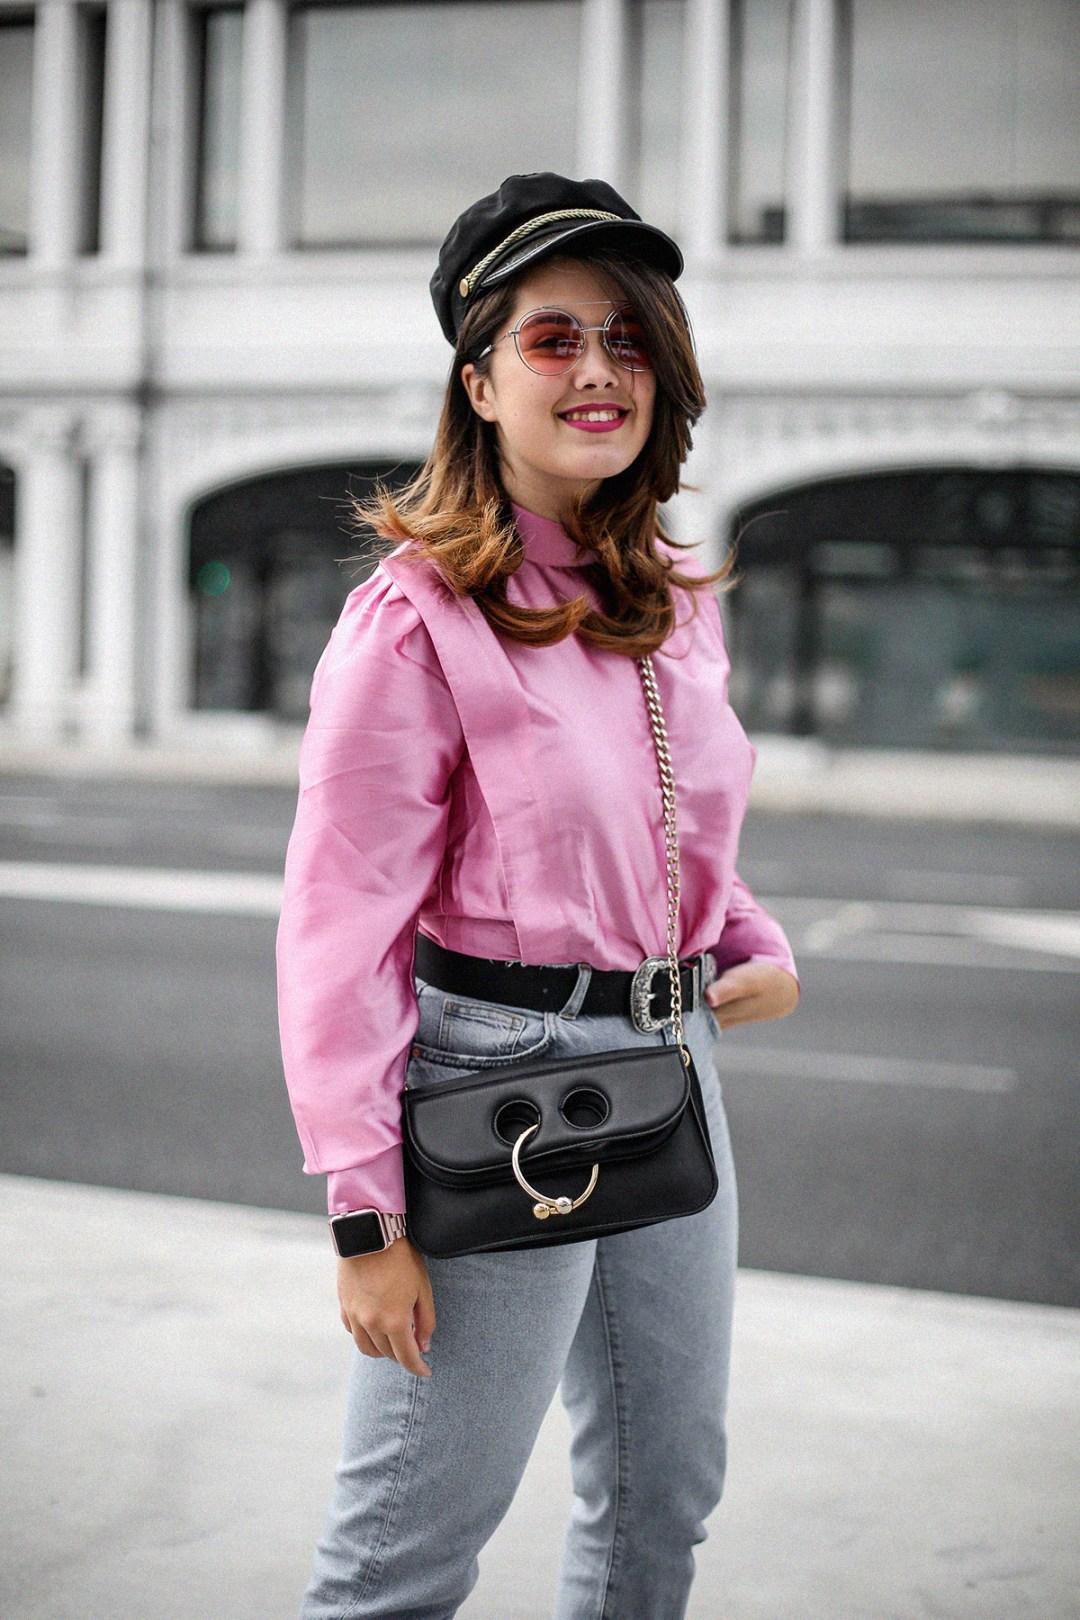 blusa con hombreras rosa asos look back to 80s-11